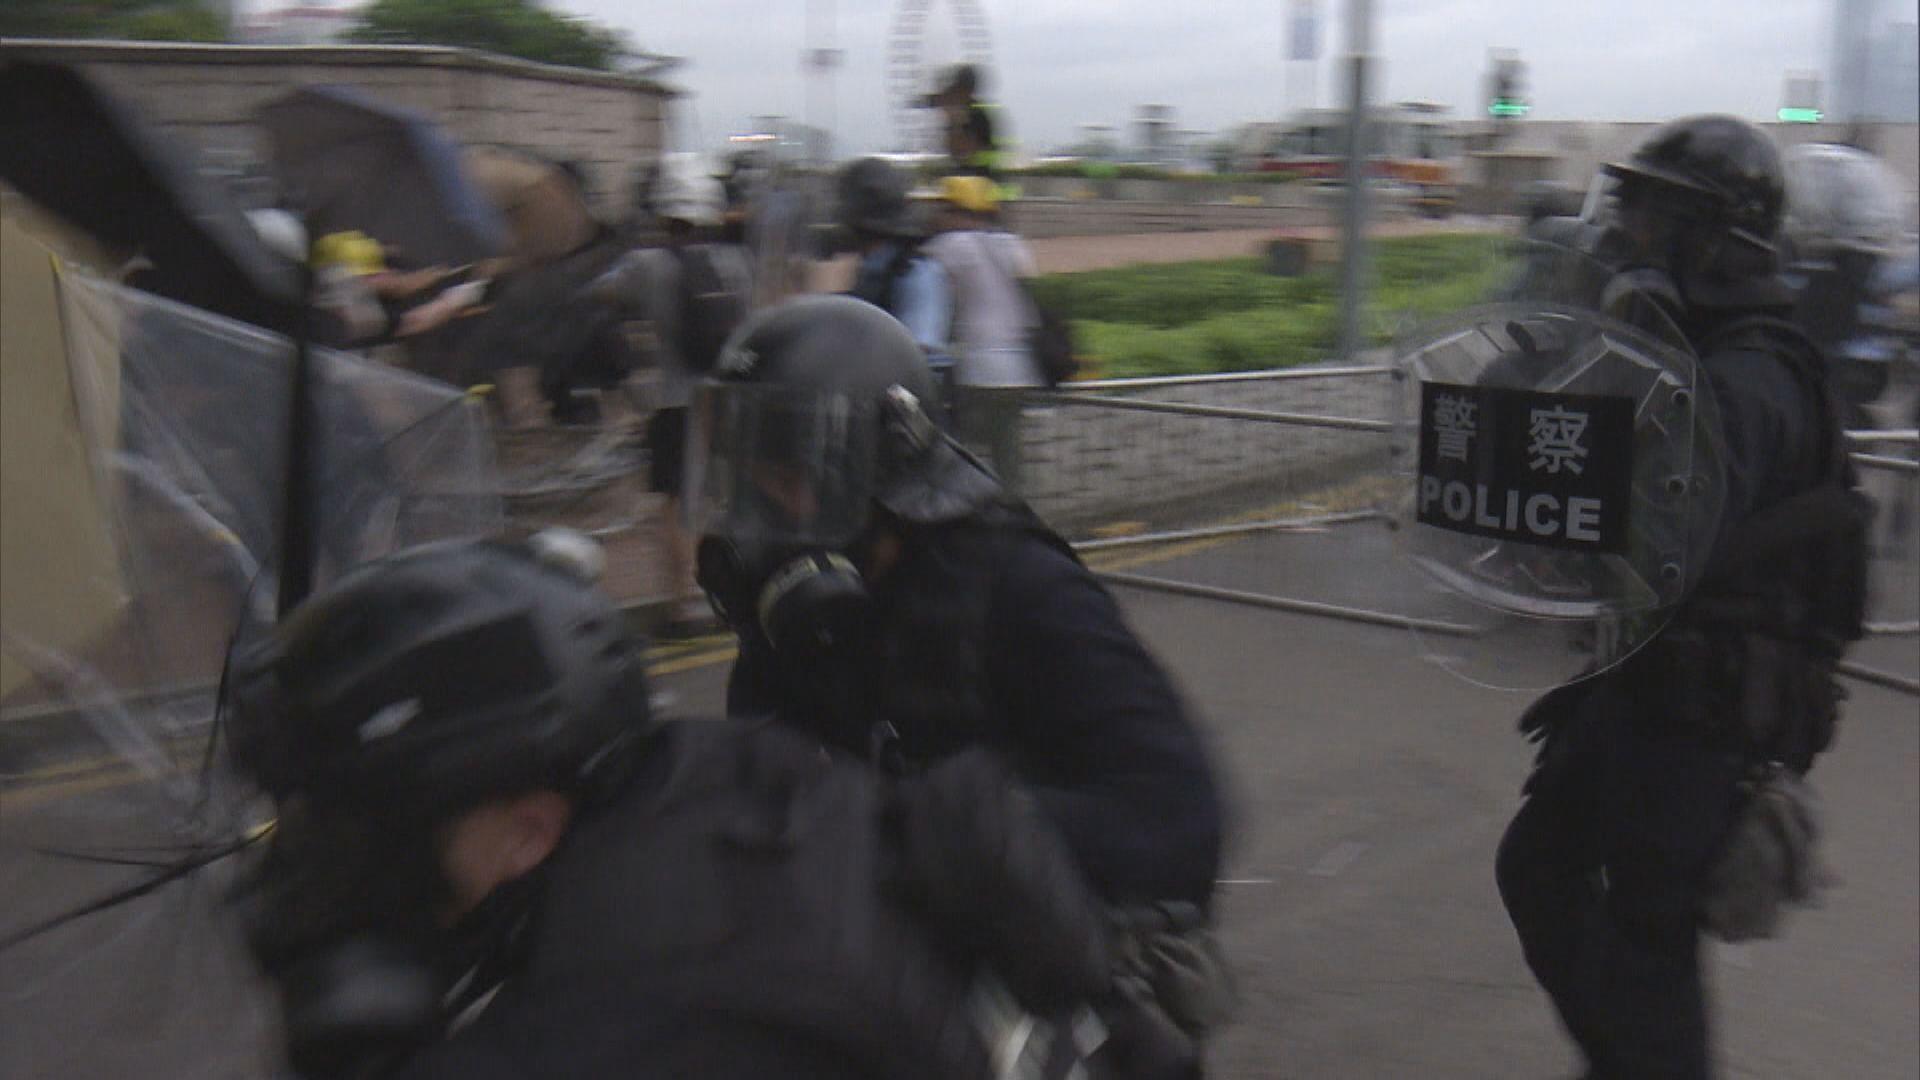 警方:為速龍小隊頭盔加編號屬試行會再檢討